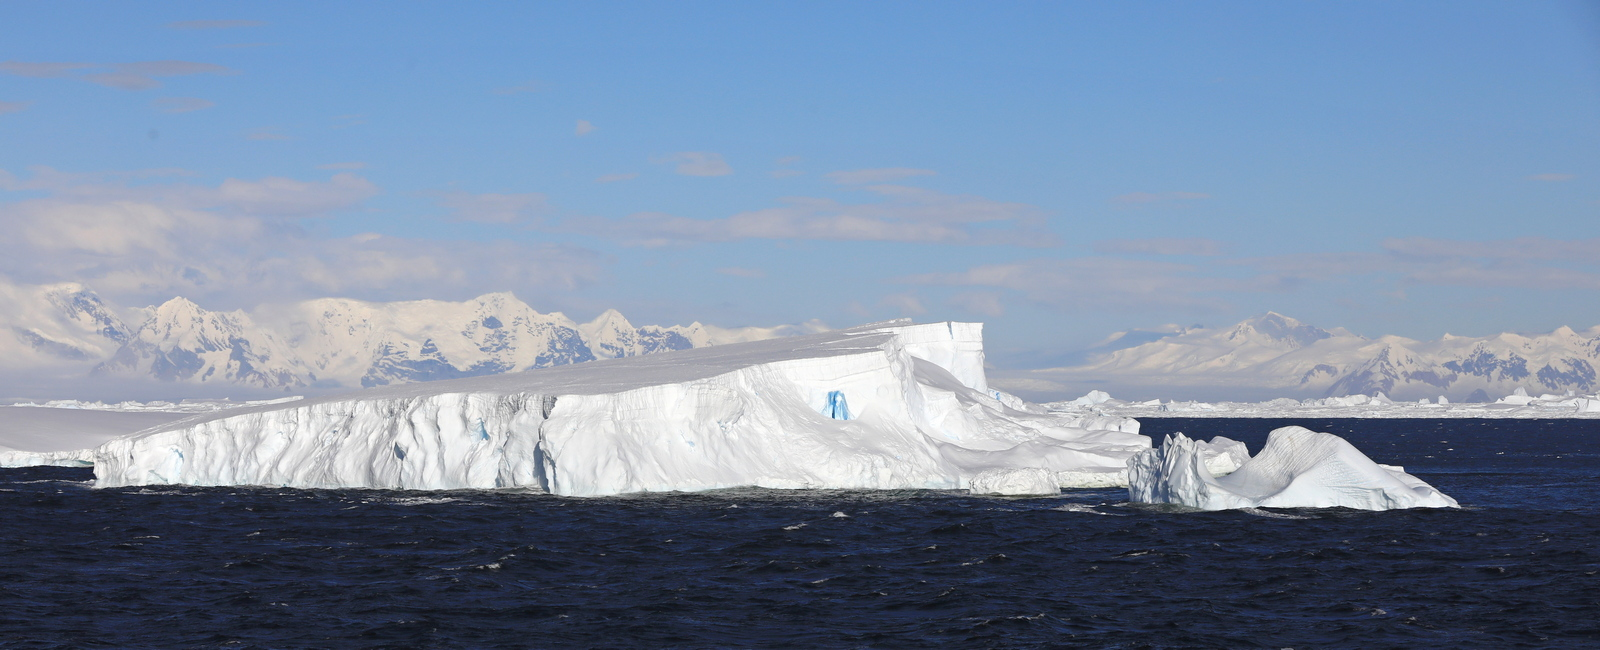 1702_Antarctique_02496_c_sm.jpg